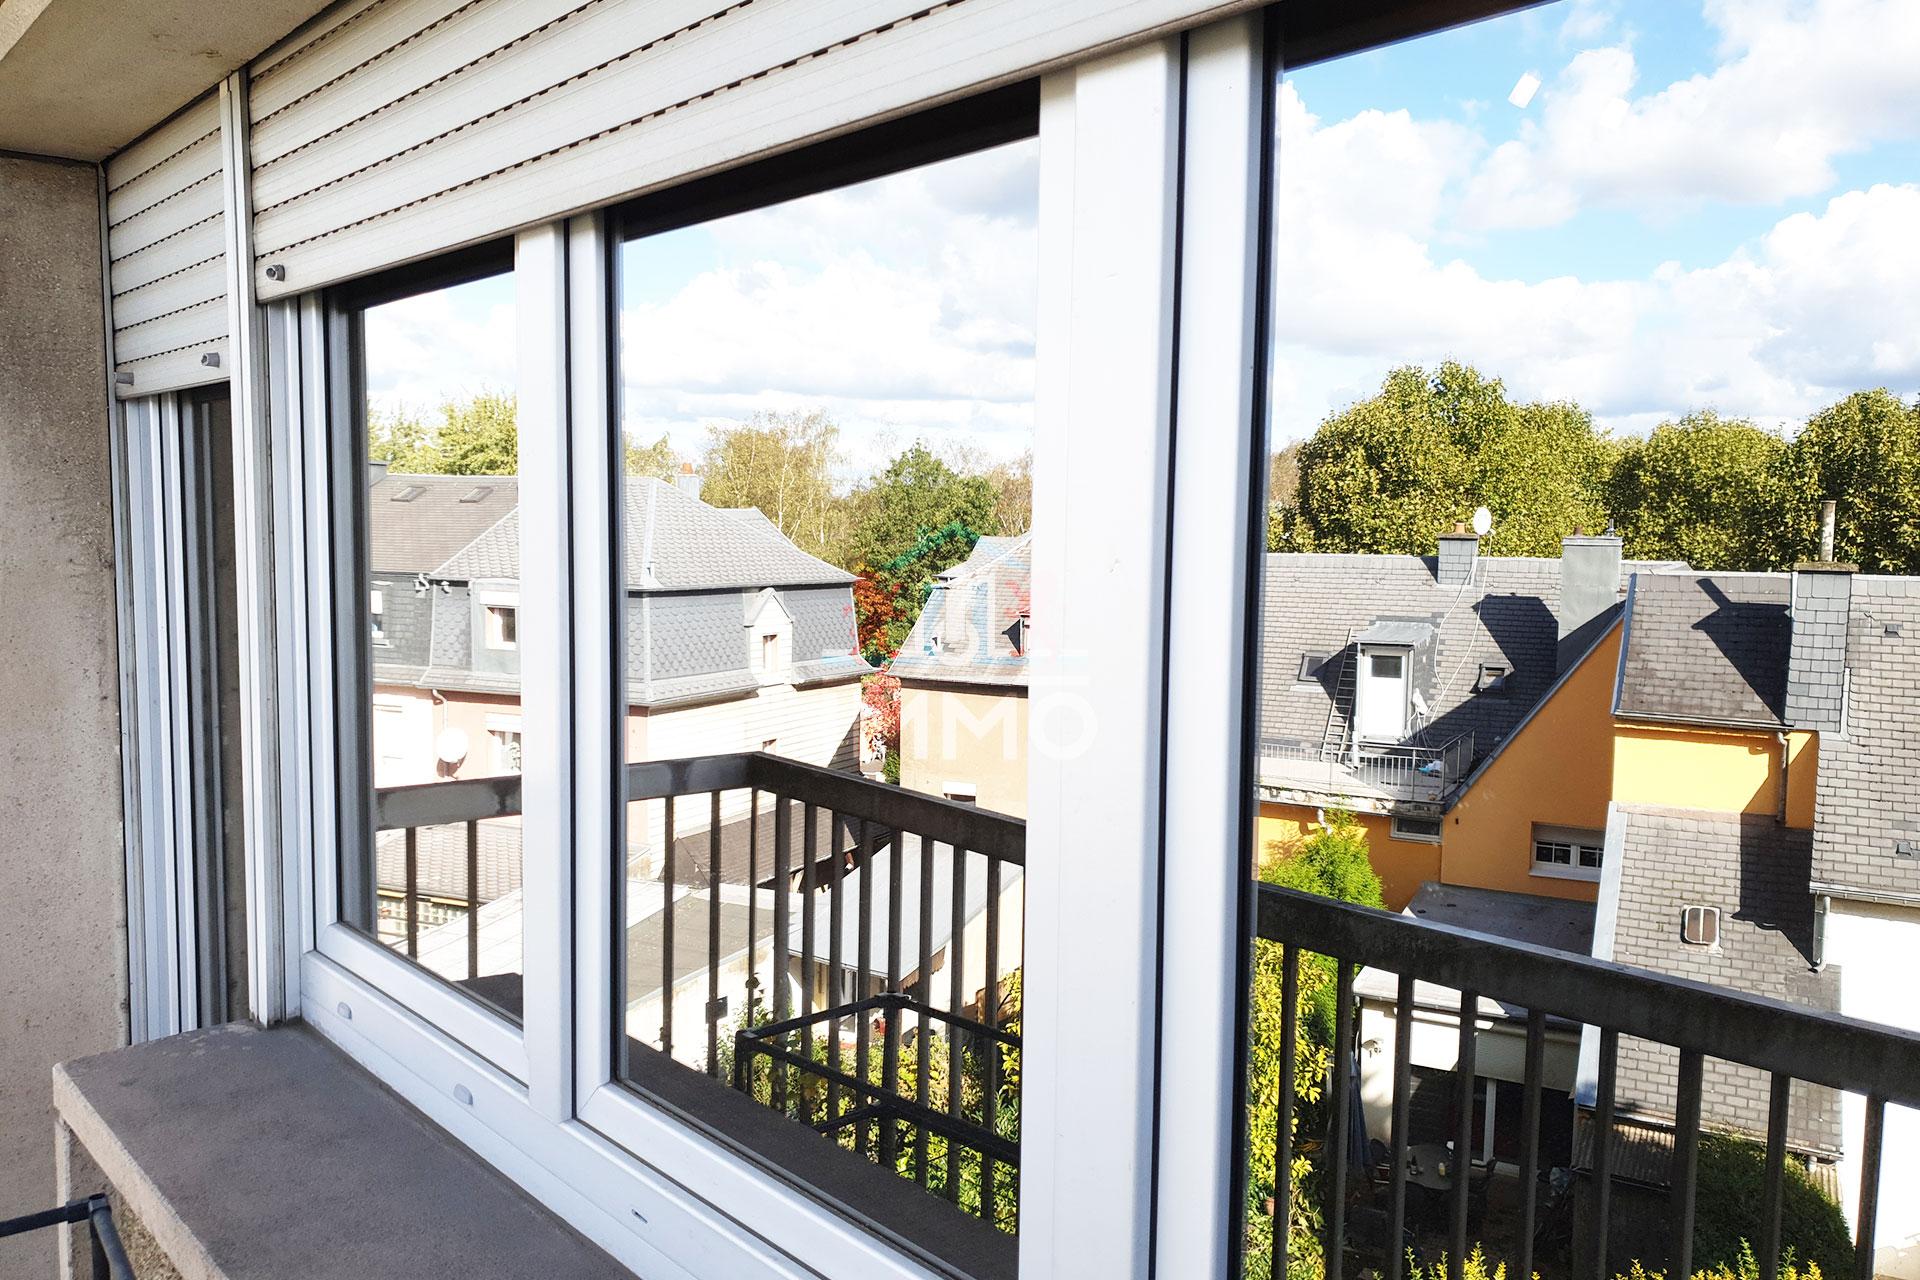 Appartement-a-vendre-a-Esch-sur-Alzette-IMMO-SARL-5